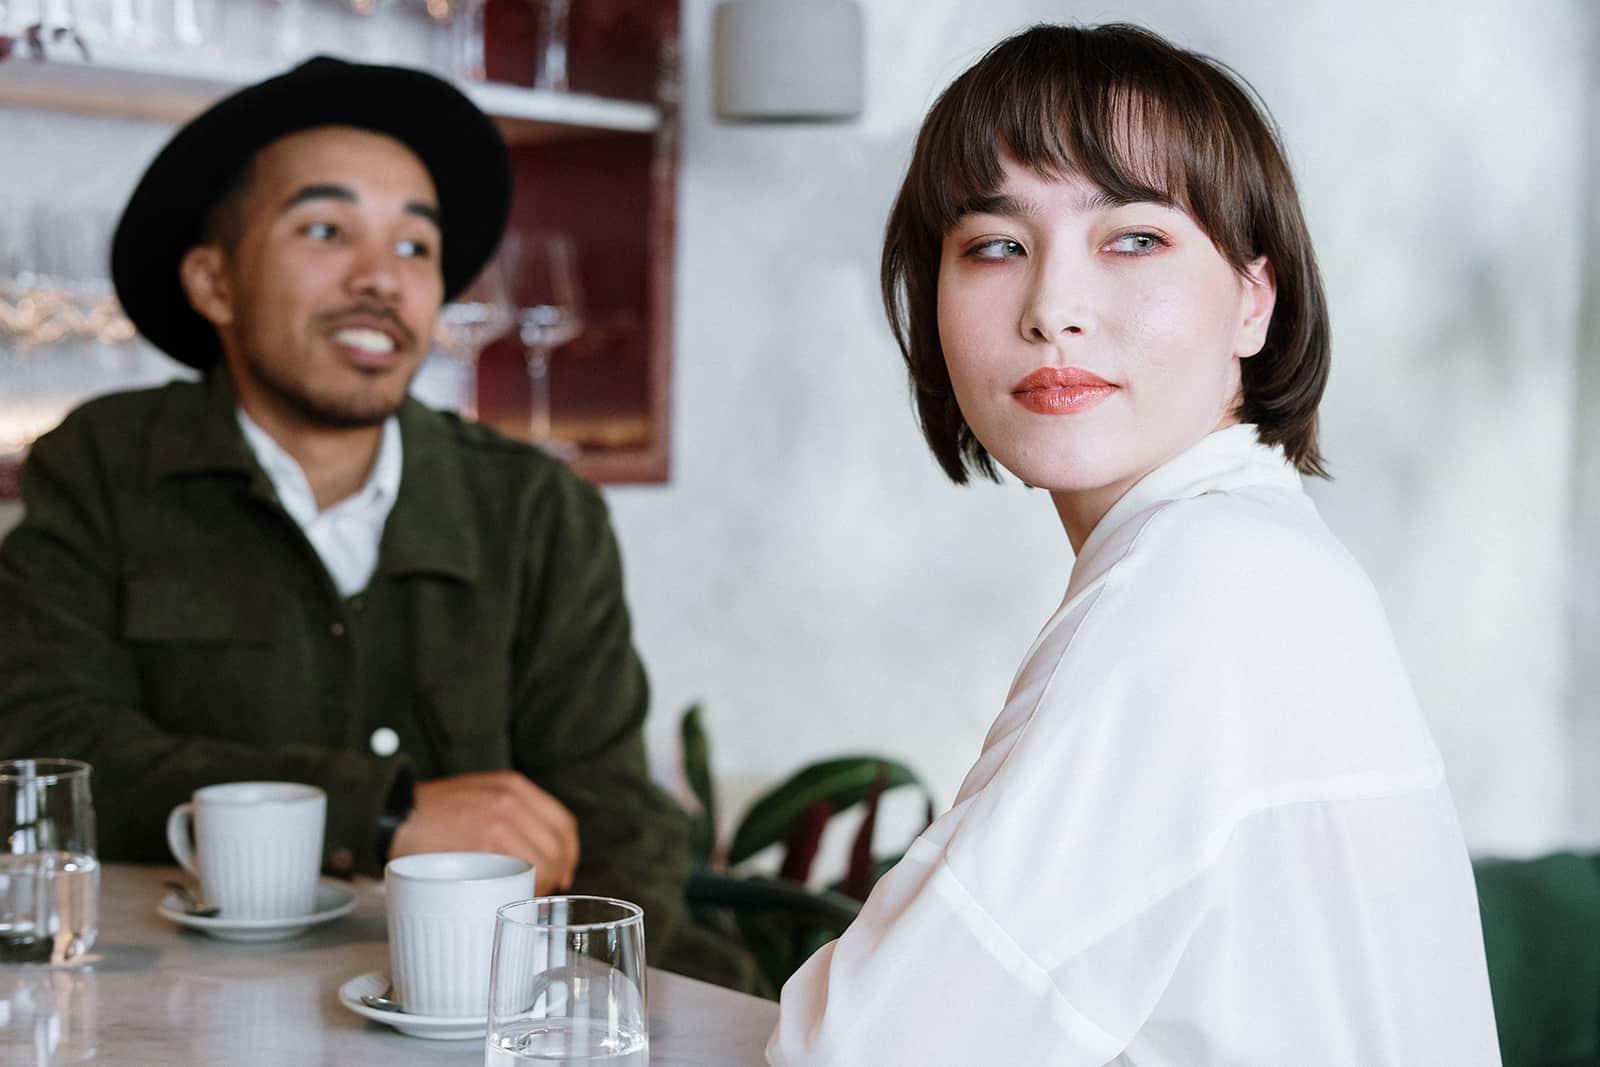 eine nachdenkliche Frau, die ihren Kopf von ihrem Freund abwendet, während sie zusammen im Café sitzt